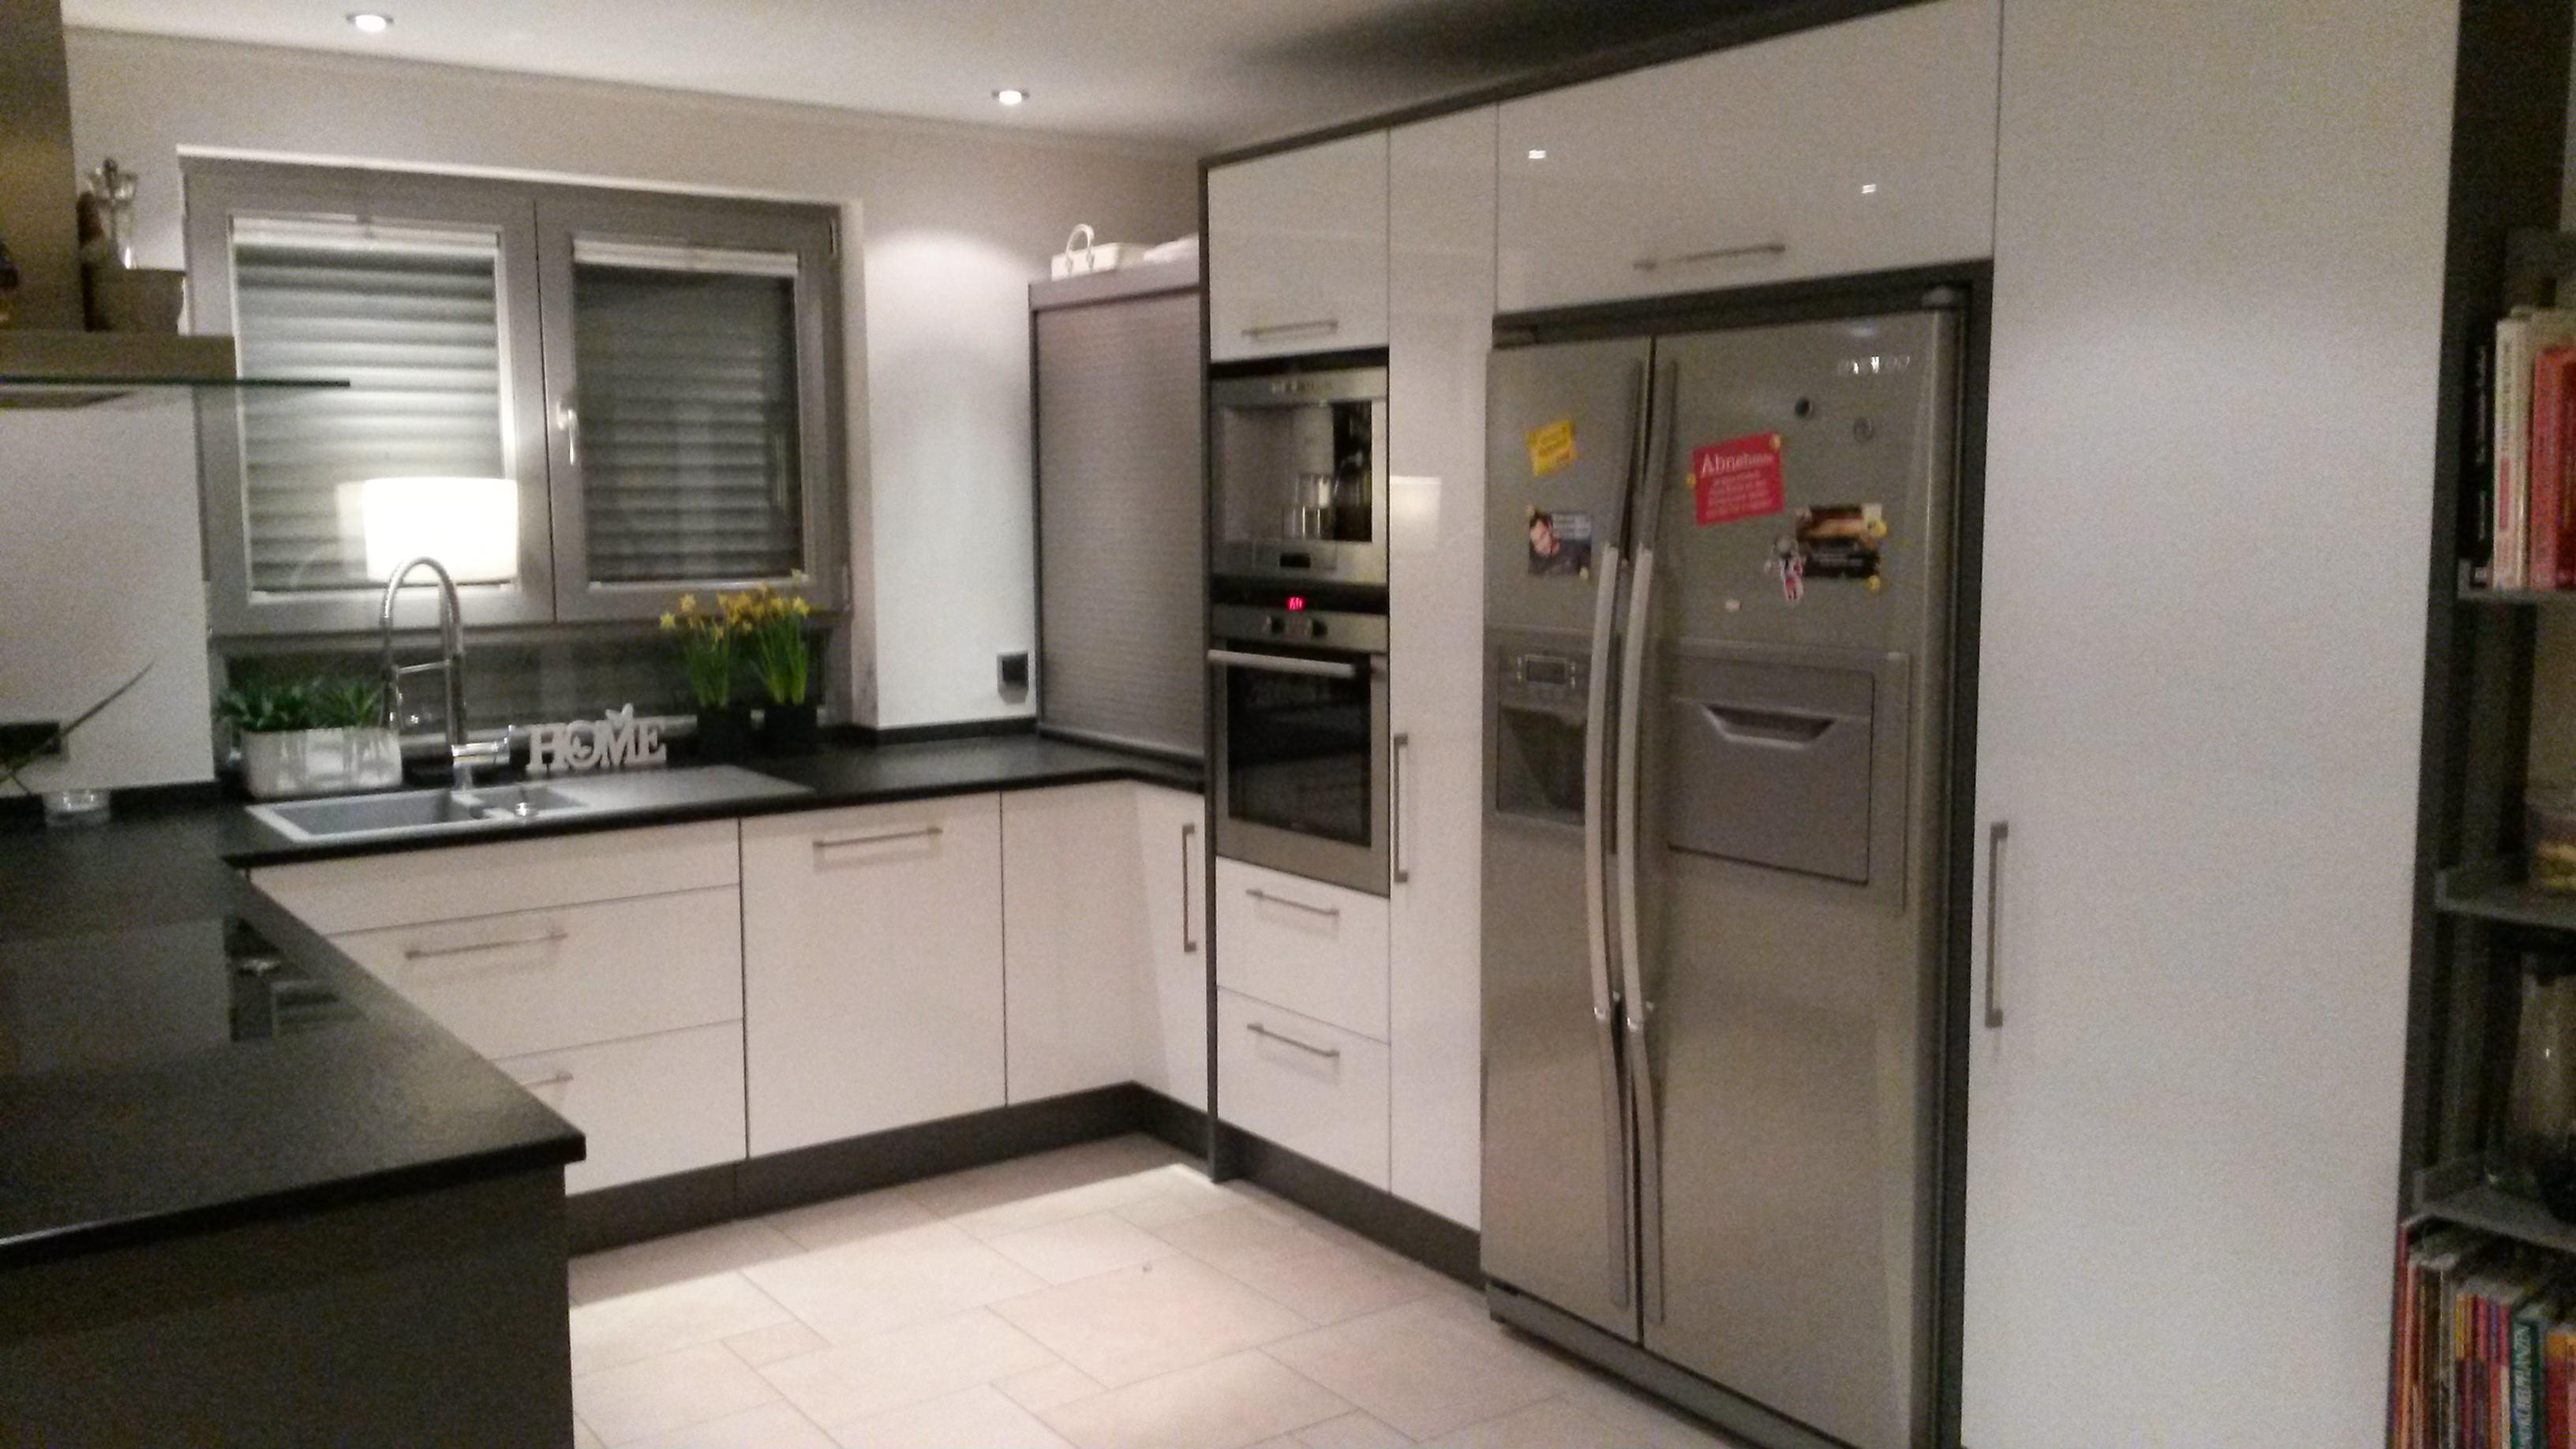 Niedlich Küche Renovieren Appliance Paket Fotos - Küche Set Ideen ...